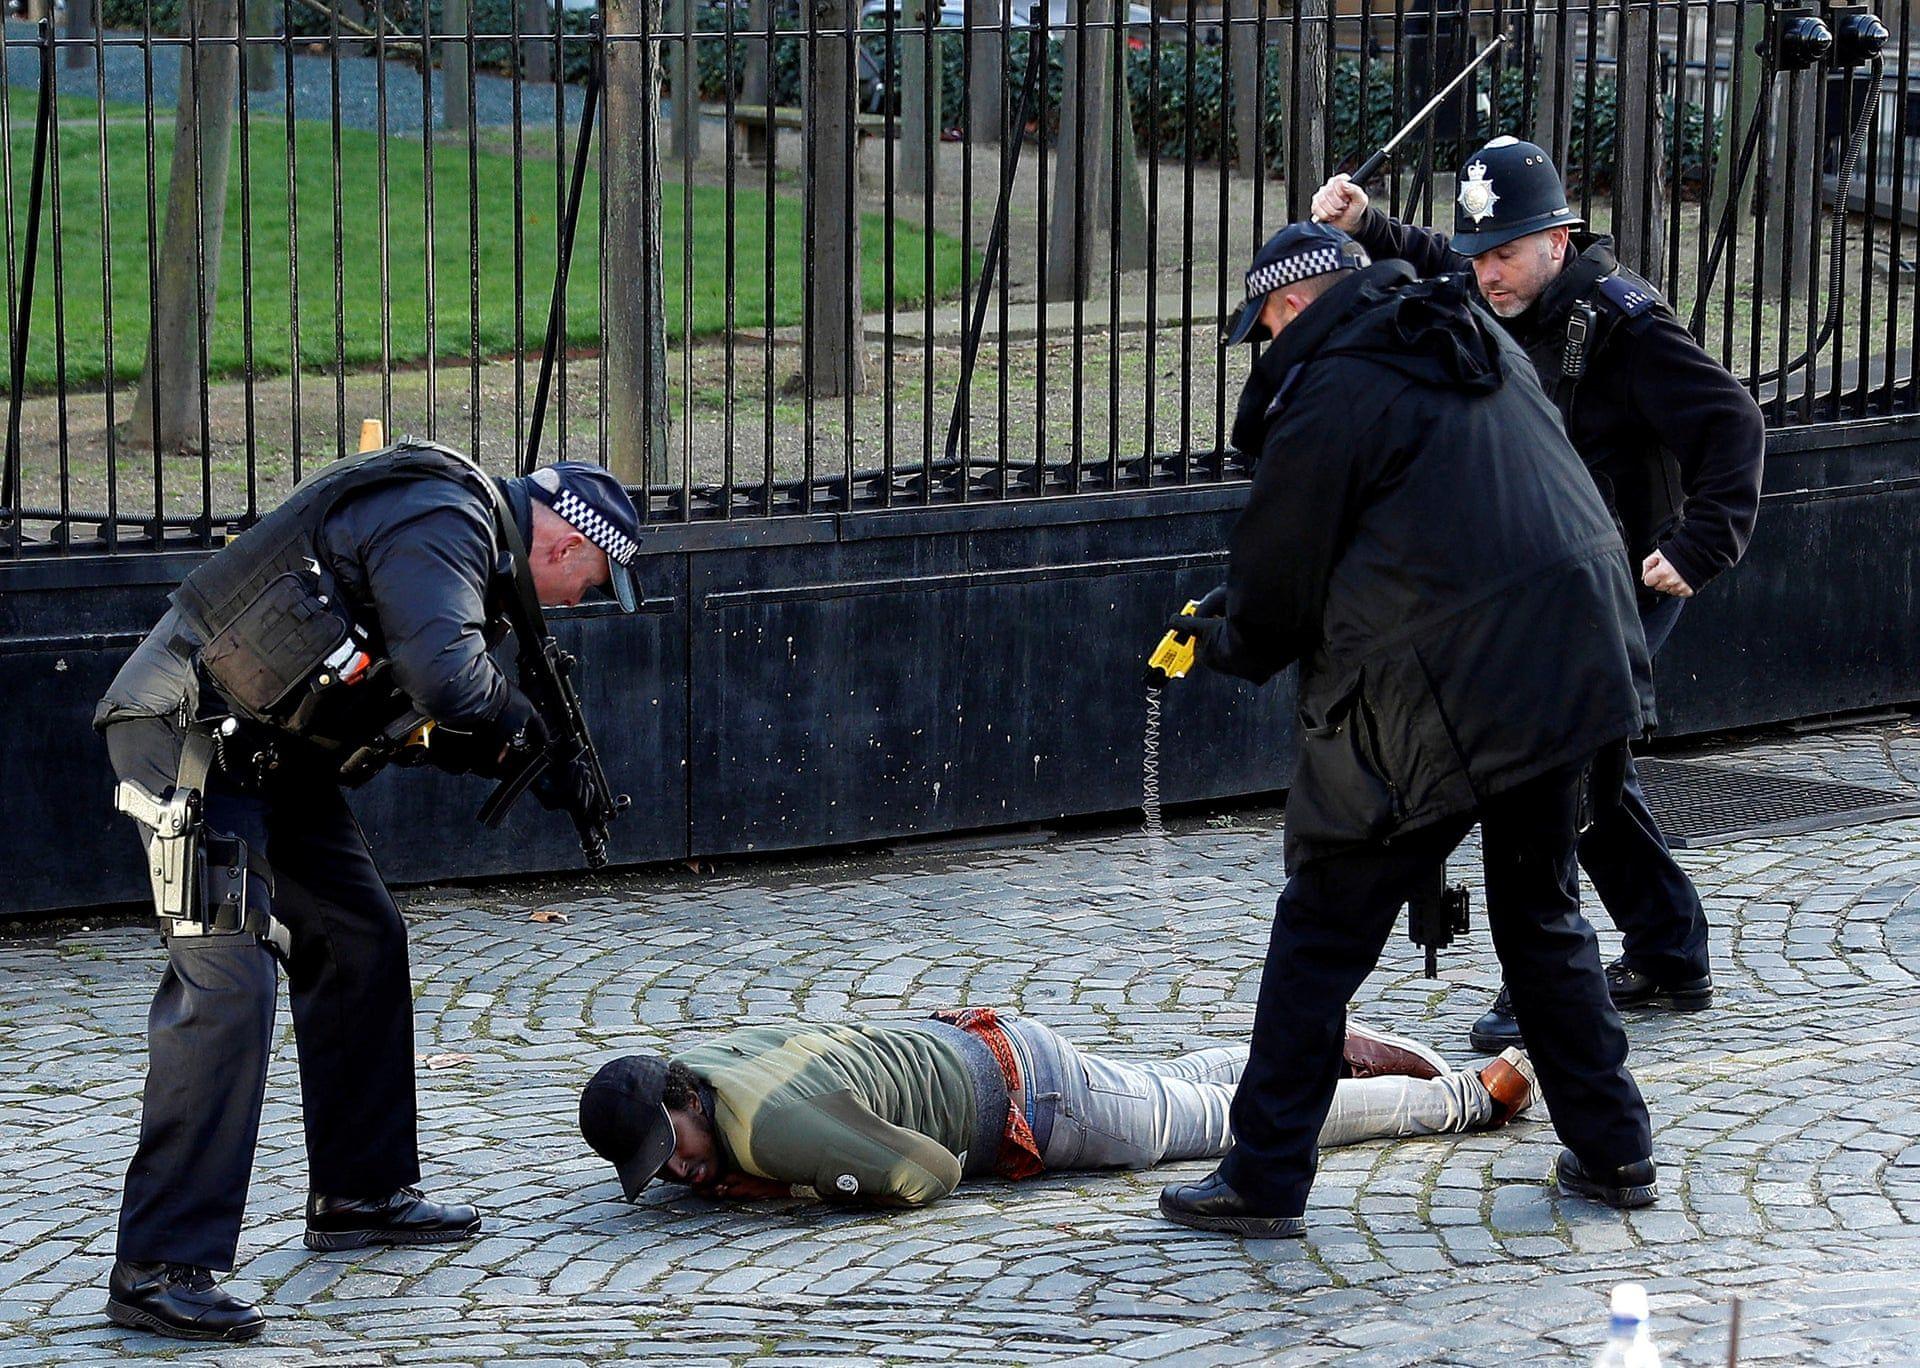 Elektromos sokkoló pisztollyal terítettek le egy a Parlament területére betörő tüntetőt rendőrök Londonban 2018 decemberében. Fotó: Peter Nicholls/Reuters/thebppa